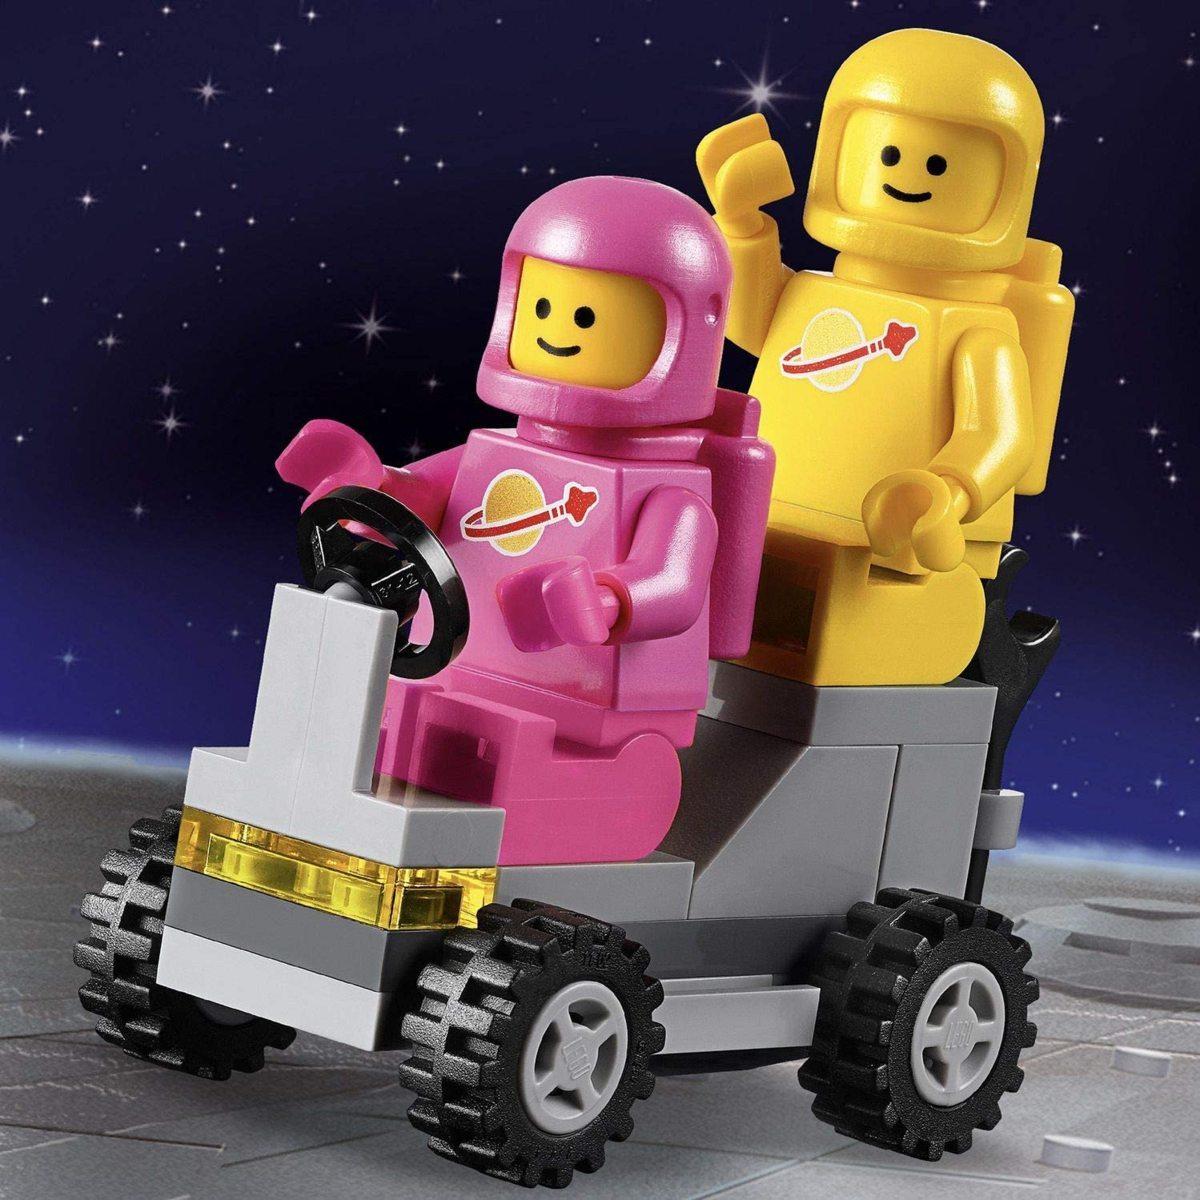 レゴ(LEGO) レゴムービー ベニーの宇宙スクワッド 70841 知育玩具 ブロック おもちゃ 女の子 男の子_画像4